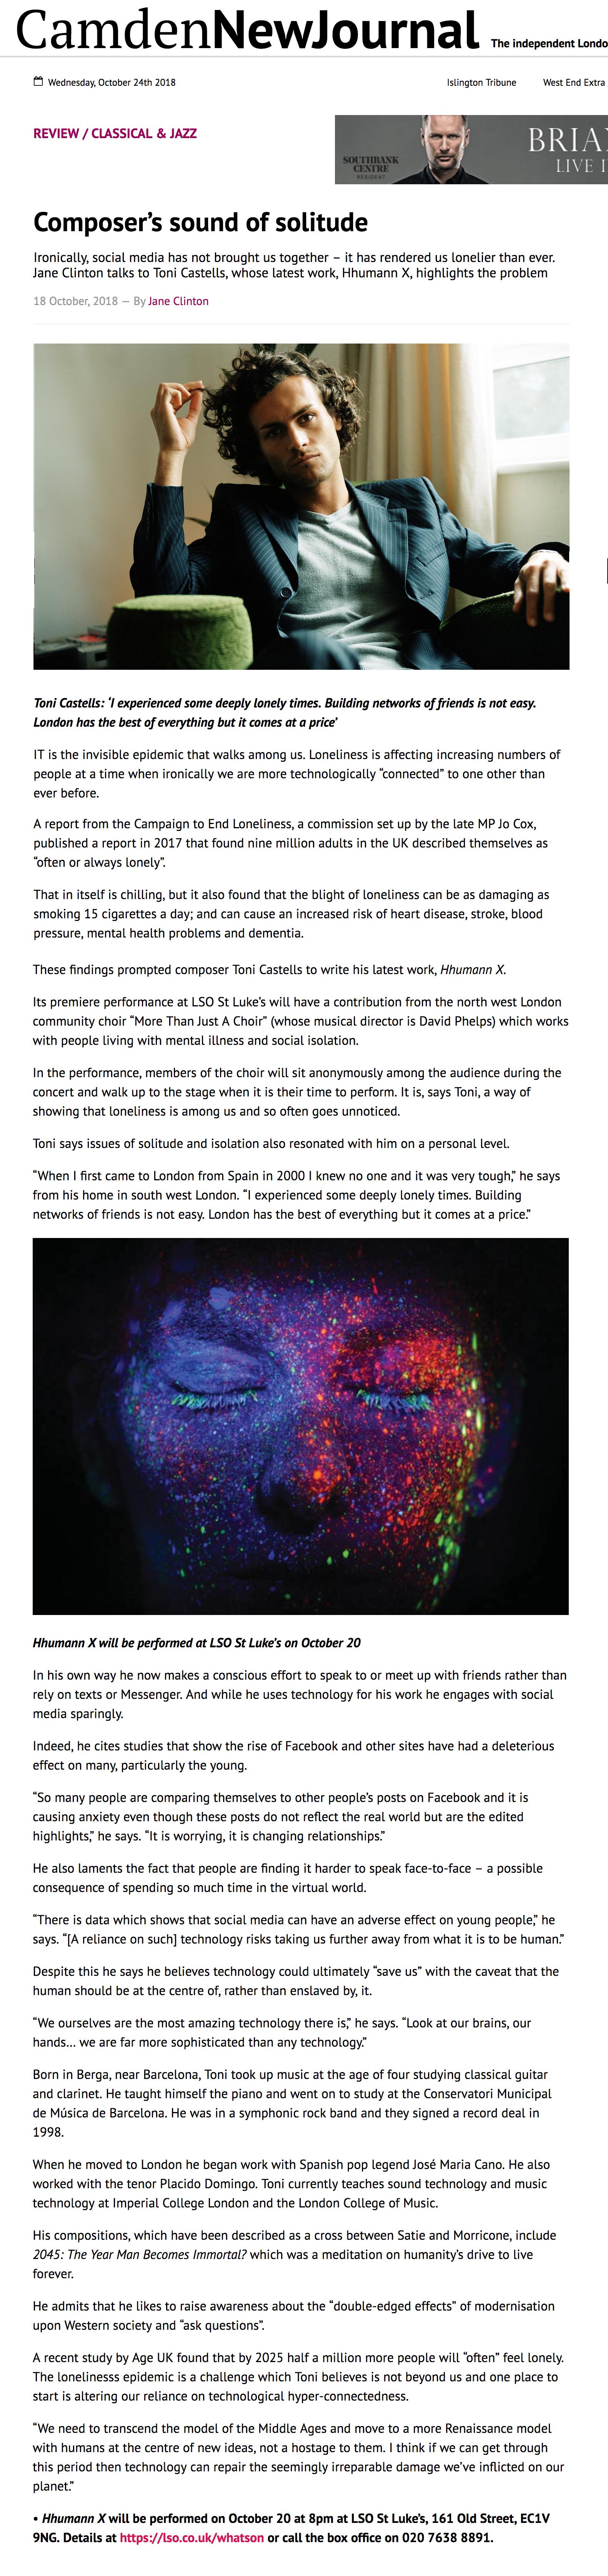 Camden New Journal (2018)